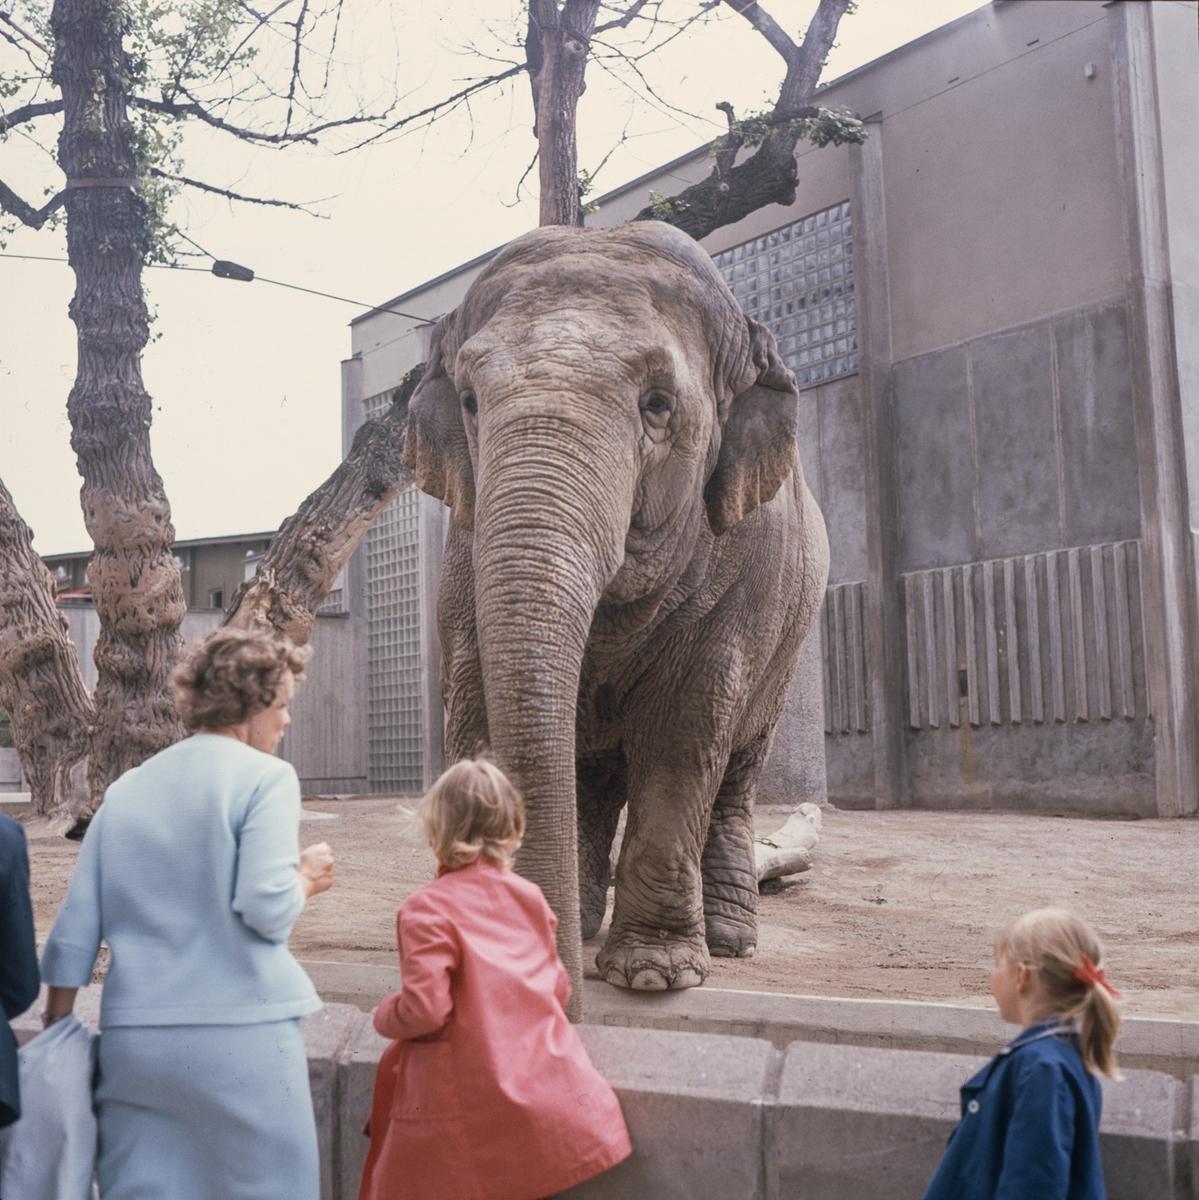 Den Asiatiska elefanten Bambina vid elefanthuset på Skansen. Barn och vuxna besökare.